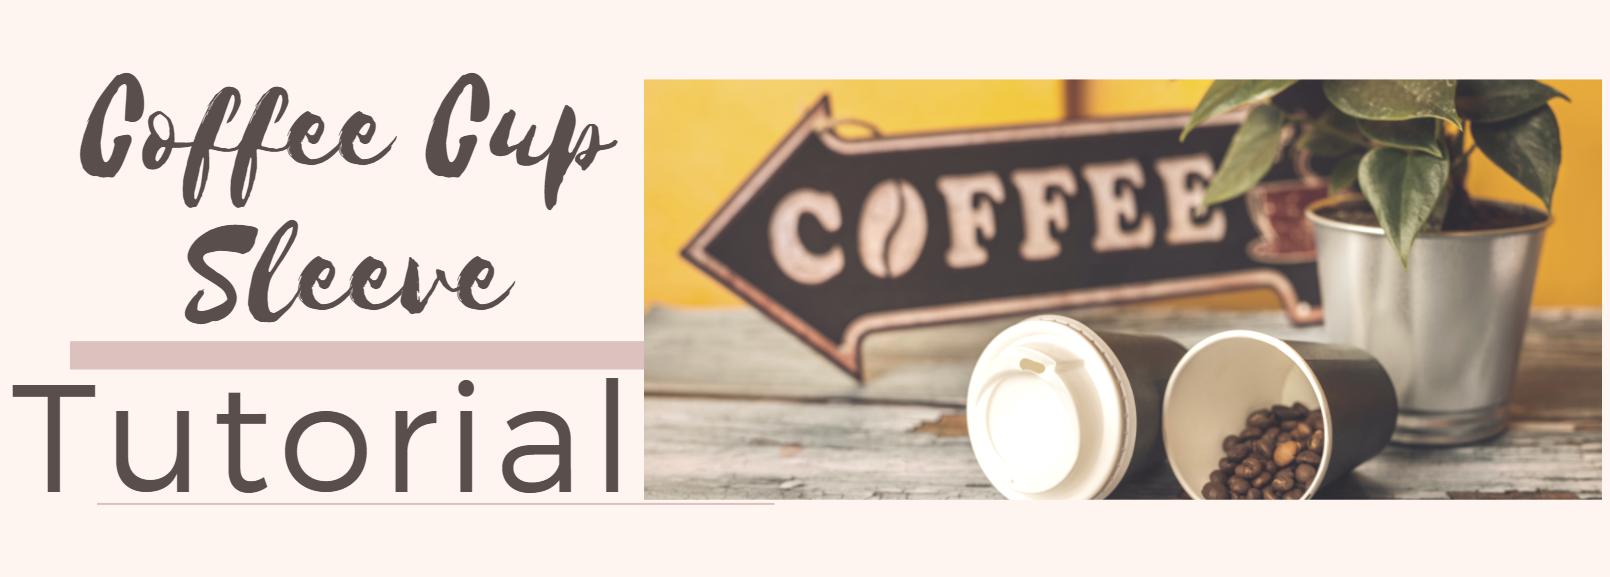 Coffee Cup Sleeve Tutorial